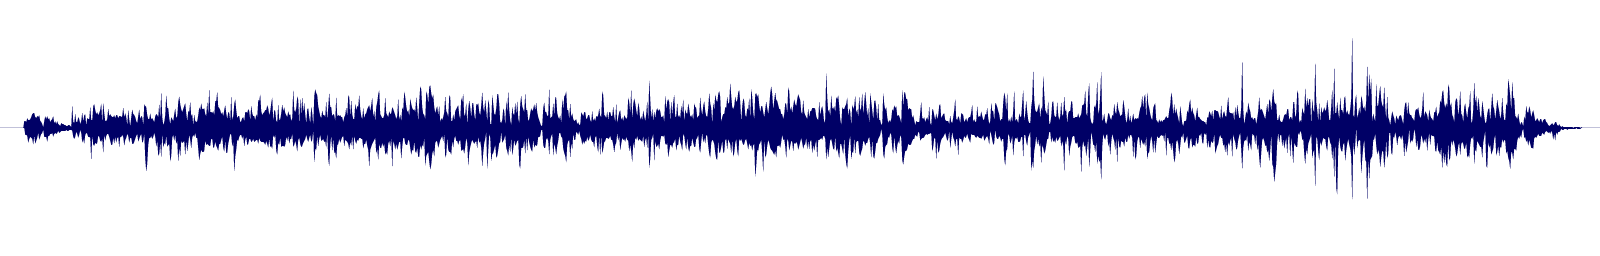 waveform of track #139328